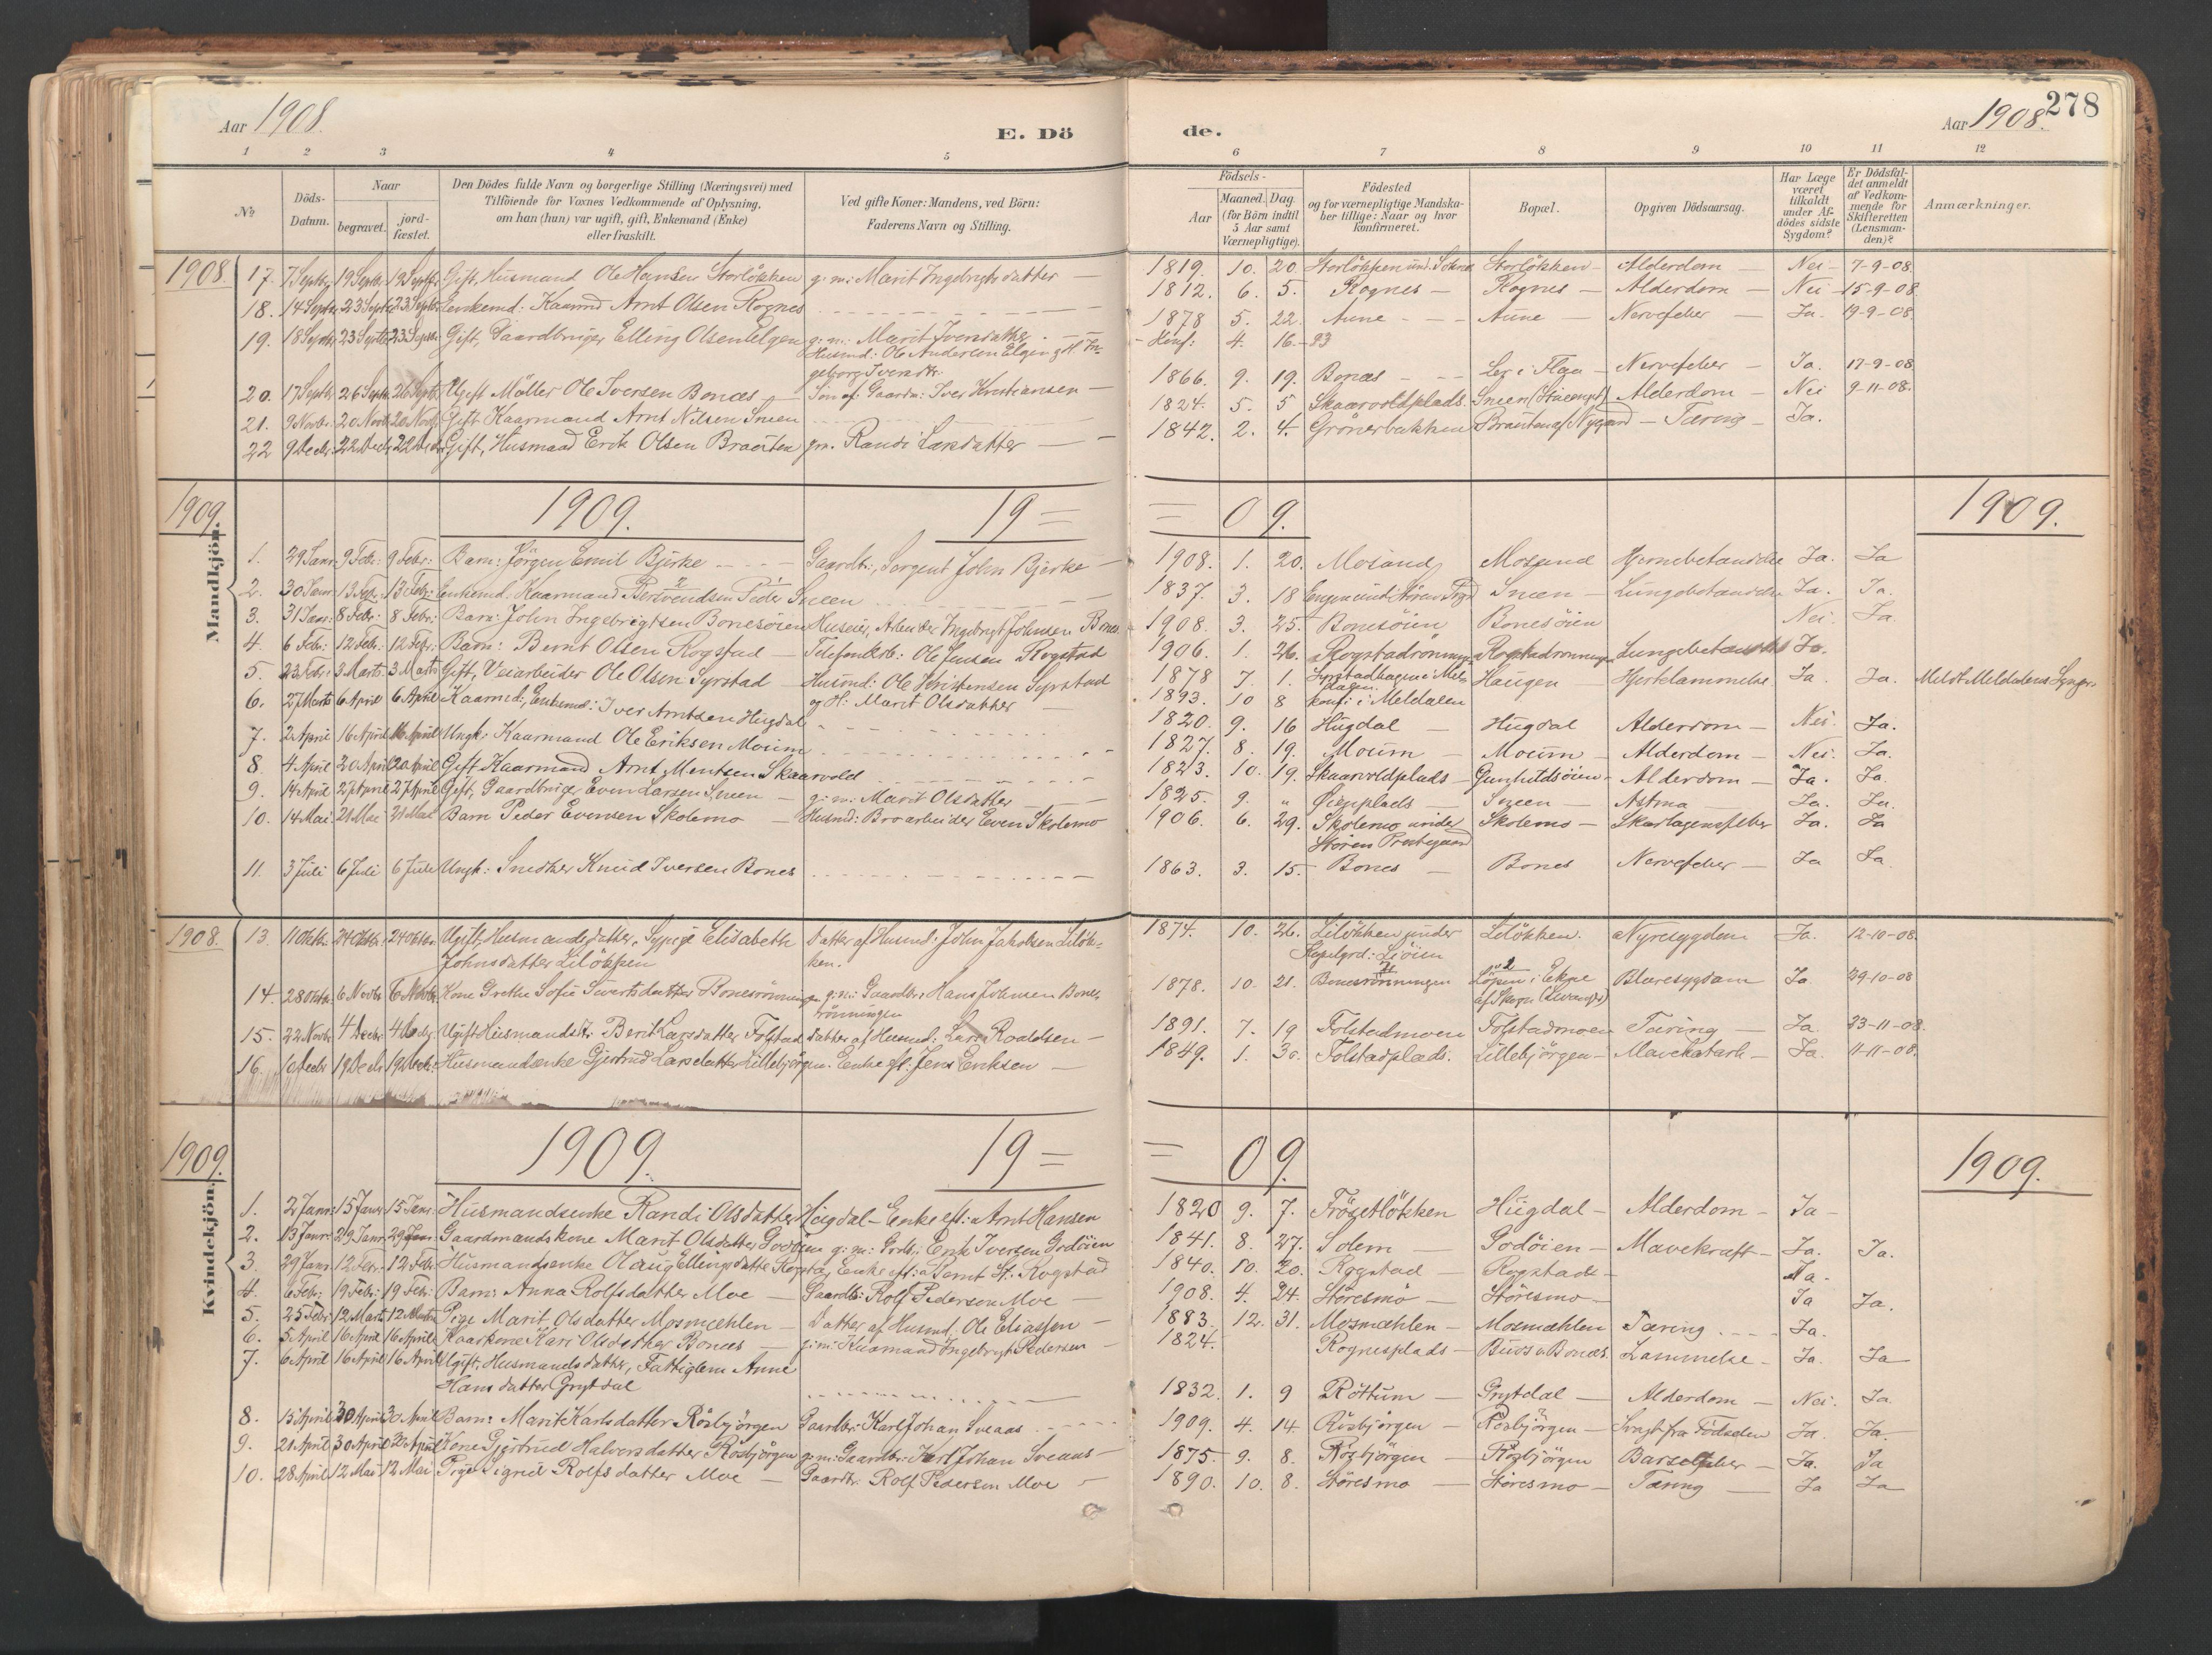 SAT, Ministerialprotokoller, klokkerbøker og fødselsregistre - Sør-Trøndelag, 687/L1004: Ministerialbok nr. 687A10, 1891-1923, s. 278